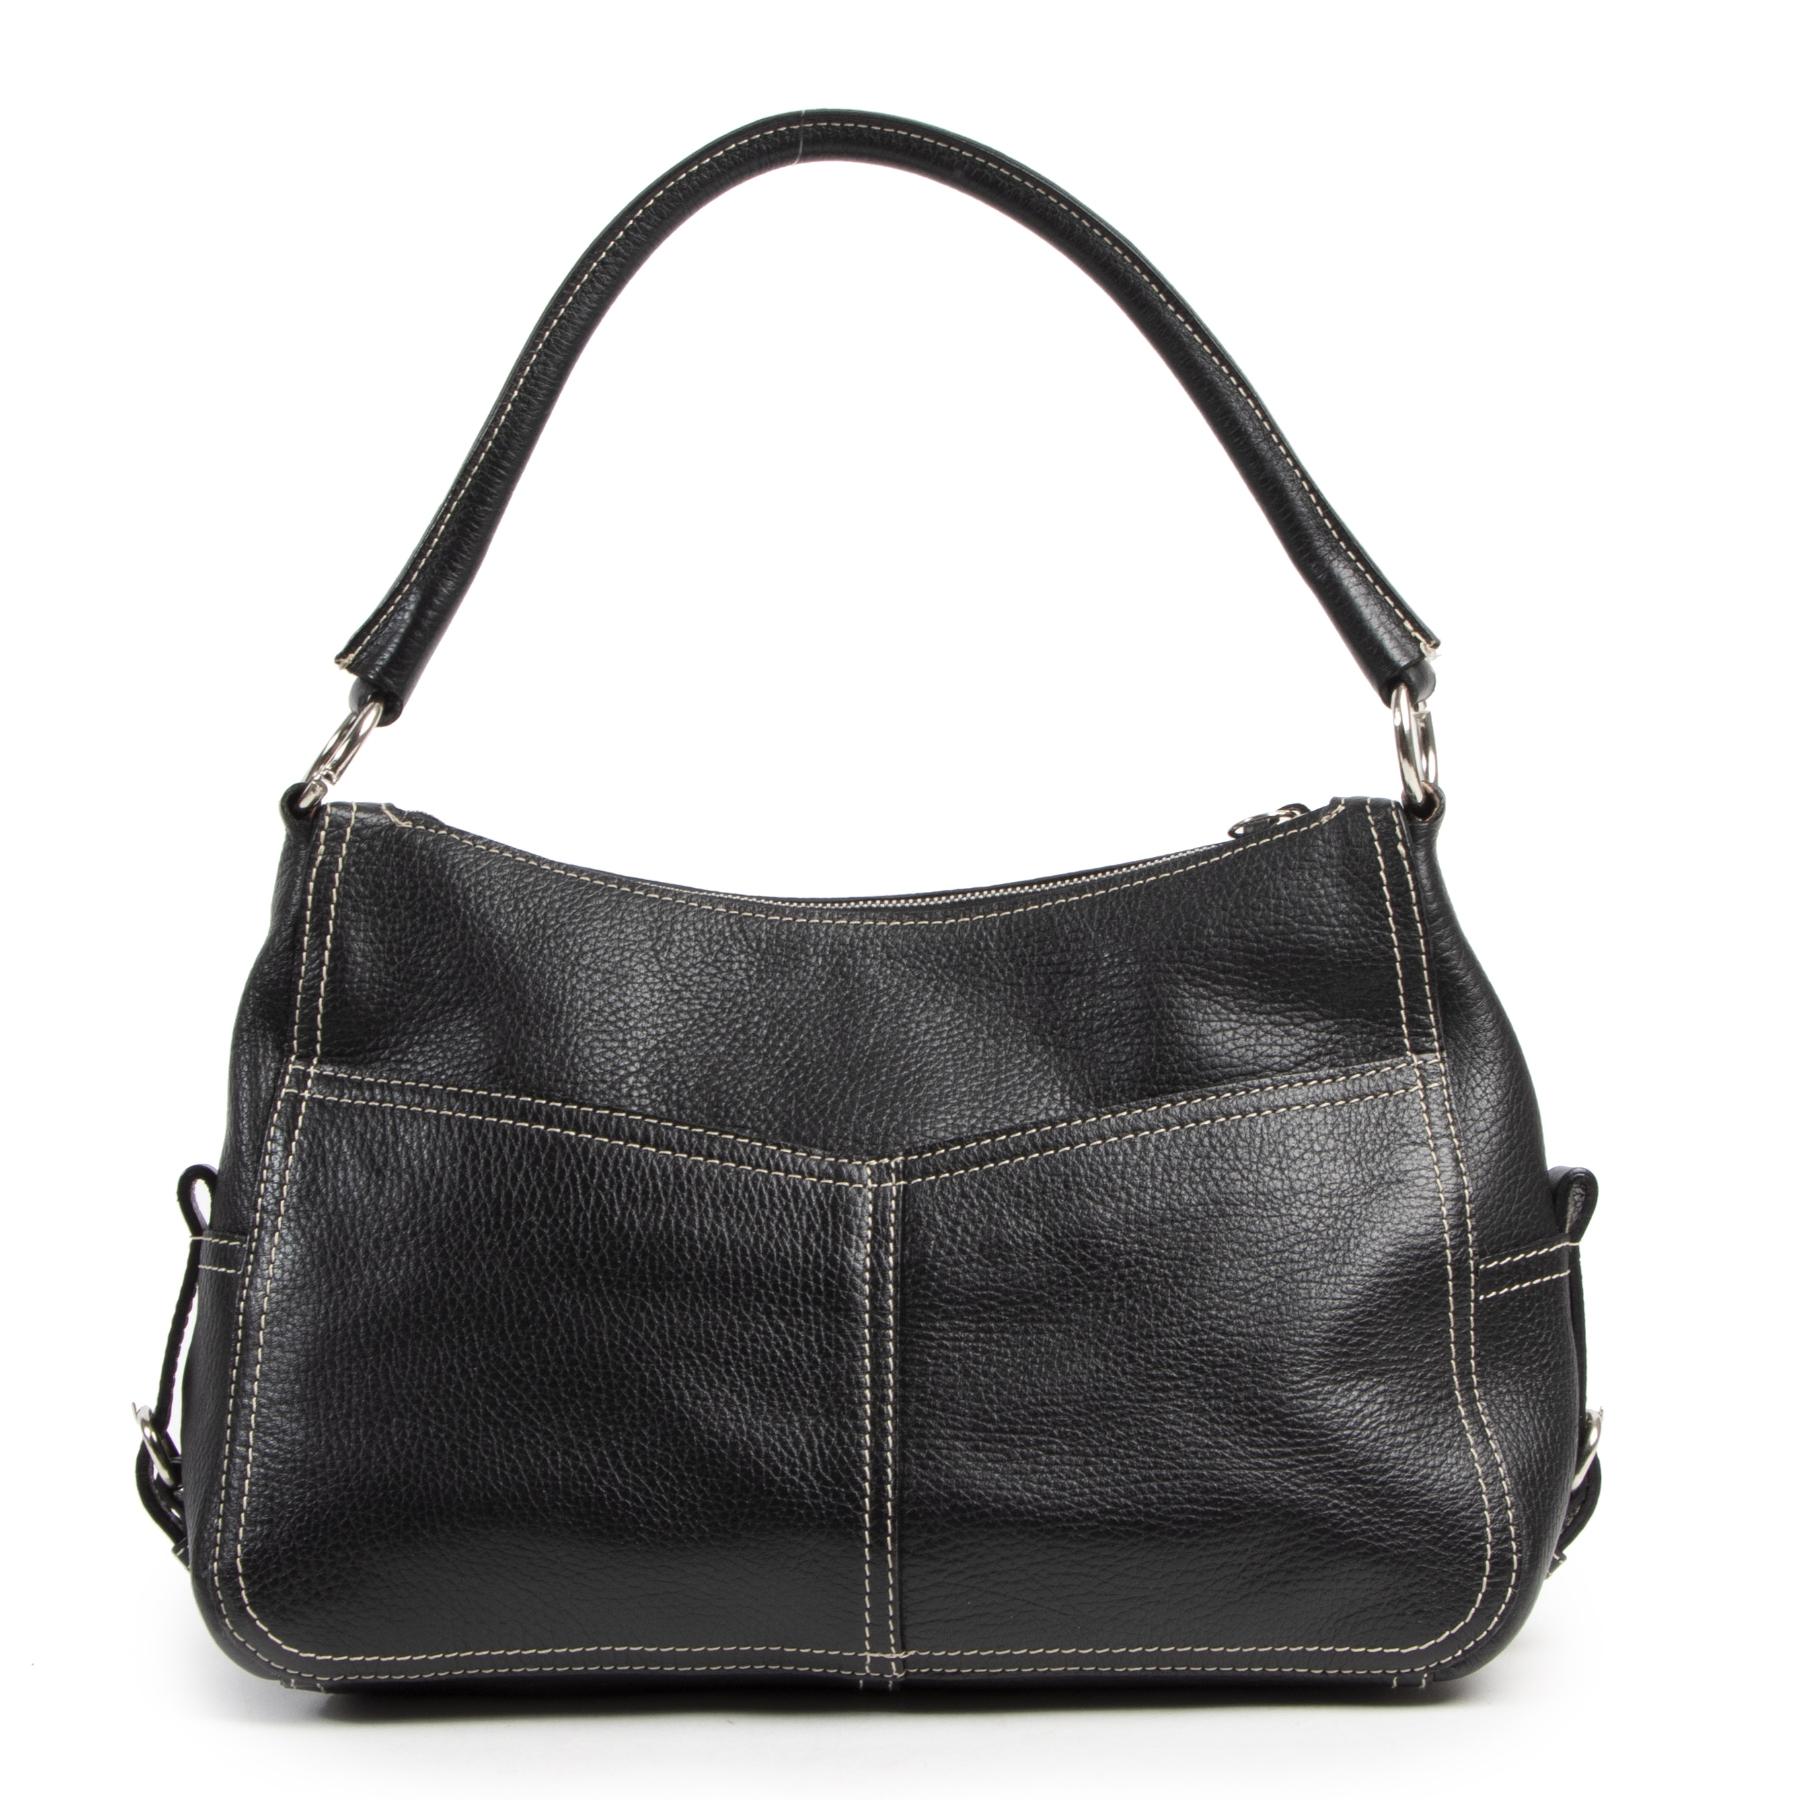 Authentieke Tweedehands Prada Black Shoulder Bag juiste prijs veilig online shoppen luxe merken webshop winkelen Antwerpen België mode fashion